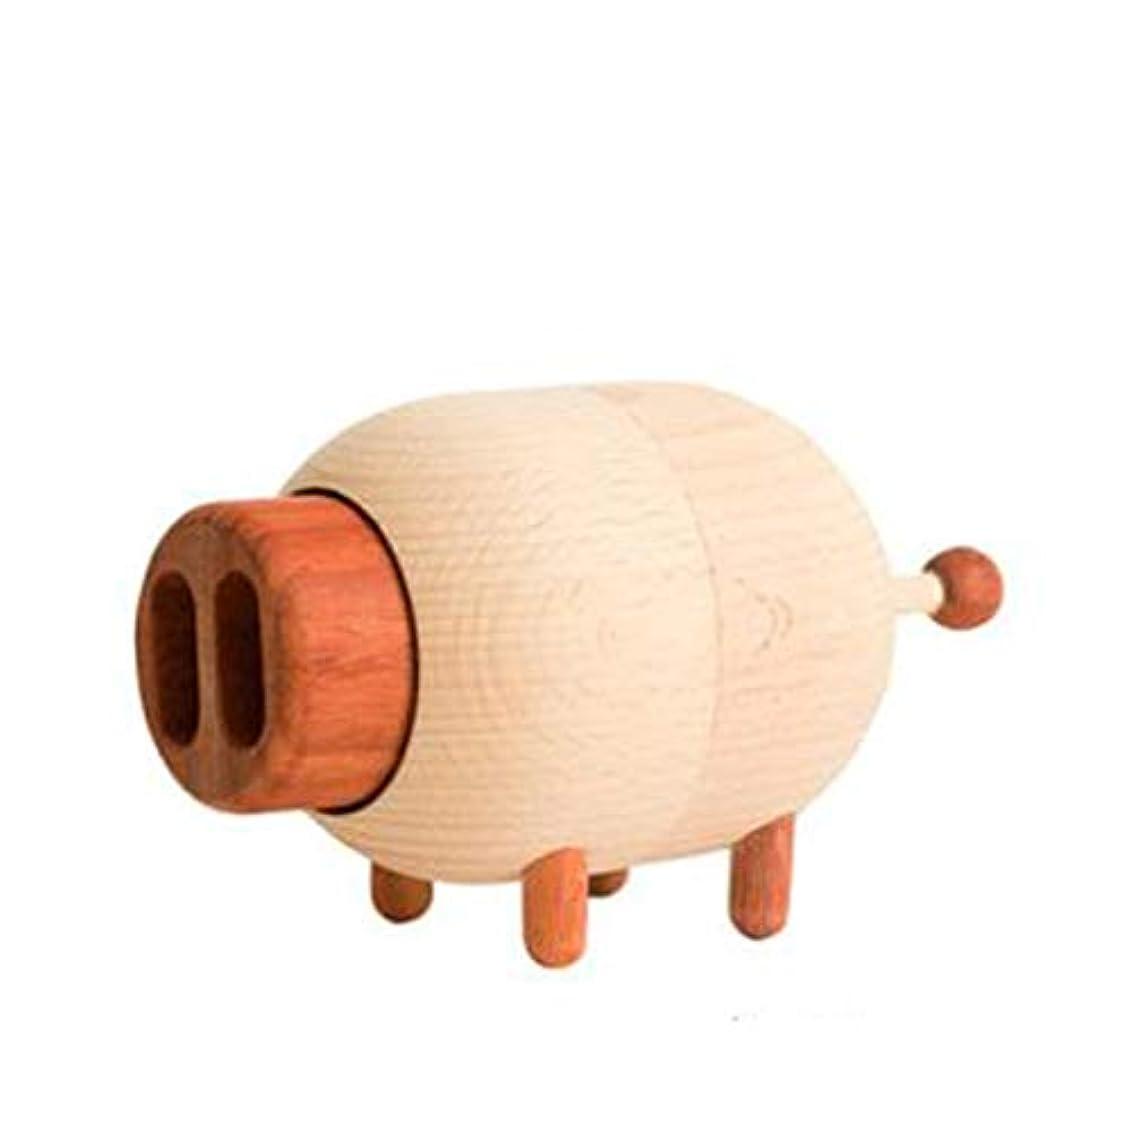 喜ぶ週間アリーナHongyushanghang ギフト豚オルゴールスカイシティオルゴール木製回転クリエイティブ送信女の子カップル誕生日ギフト,、ジュエリークリエイティブホリデーギフトを掛ける (Style : Pig)